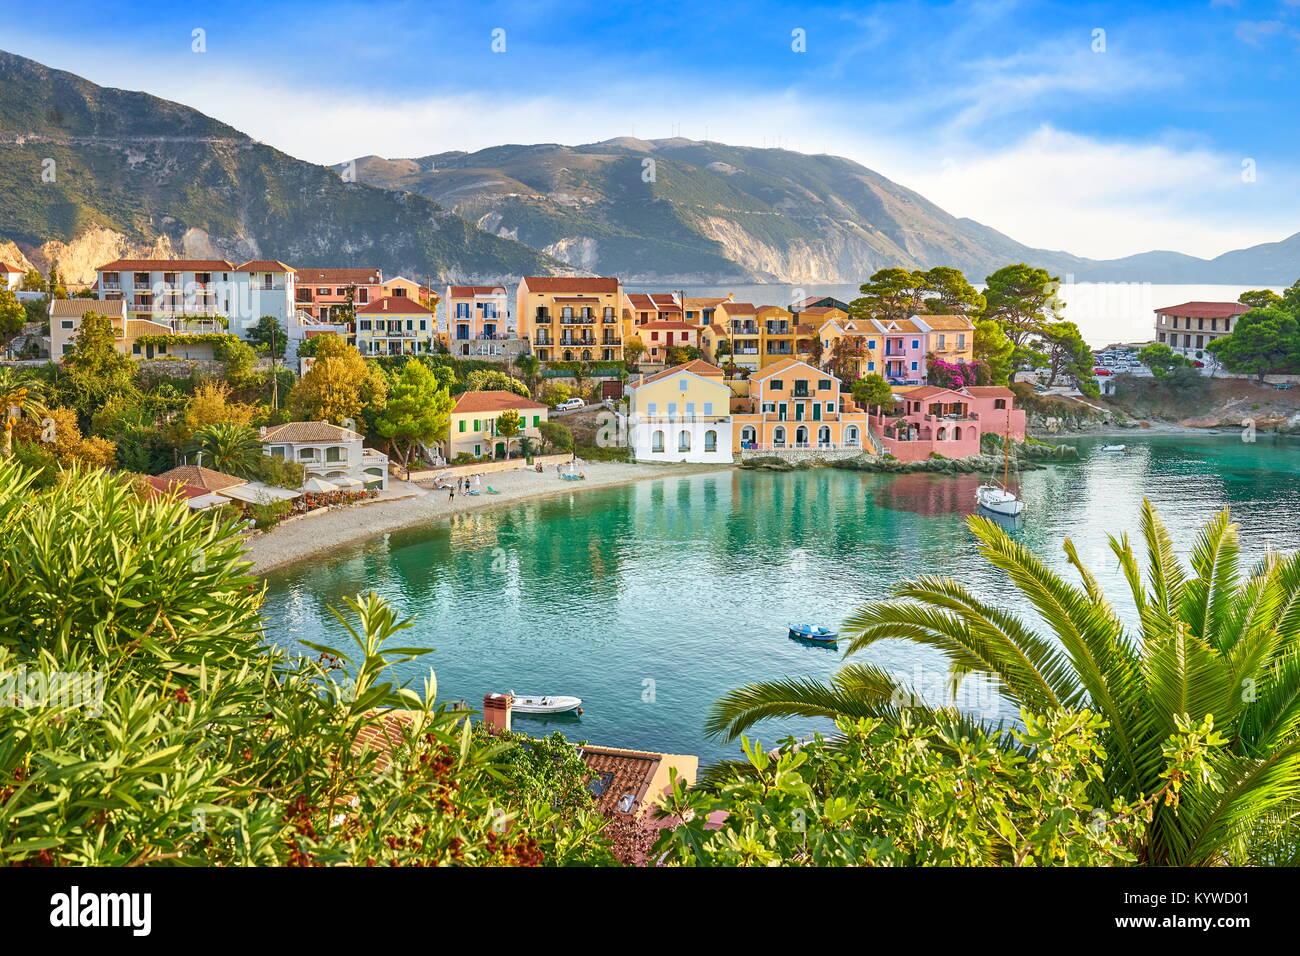 Assos village, l'isola di Cefalonia, Grecia Immagini Stock